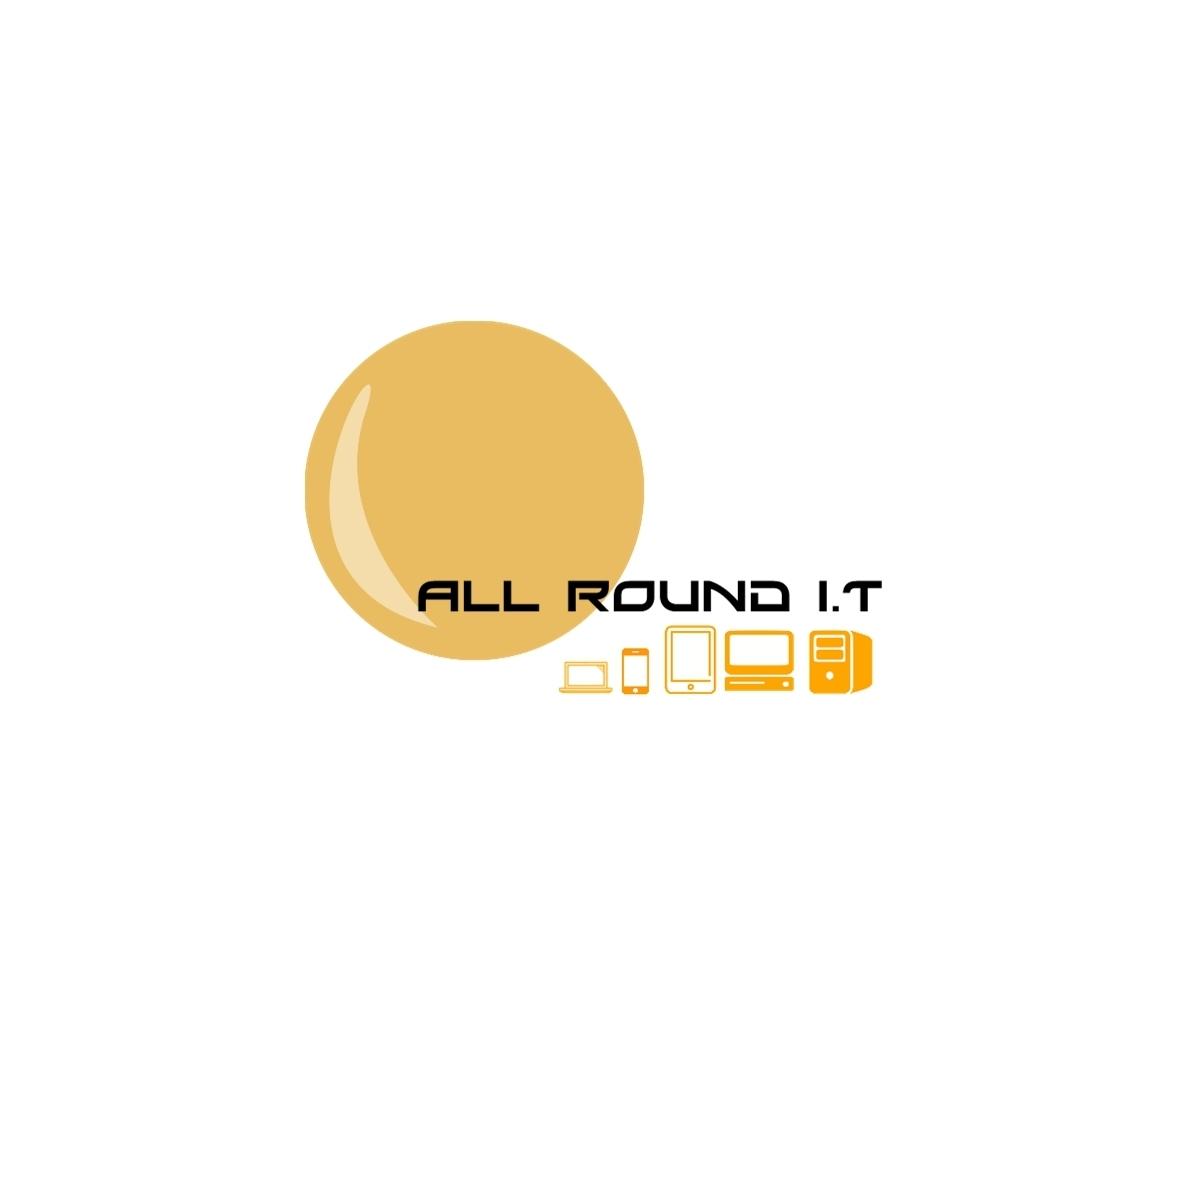 All Round IT